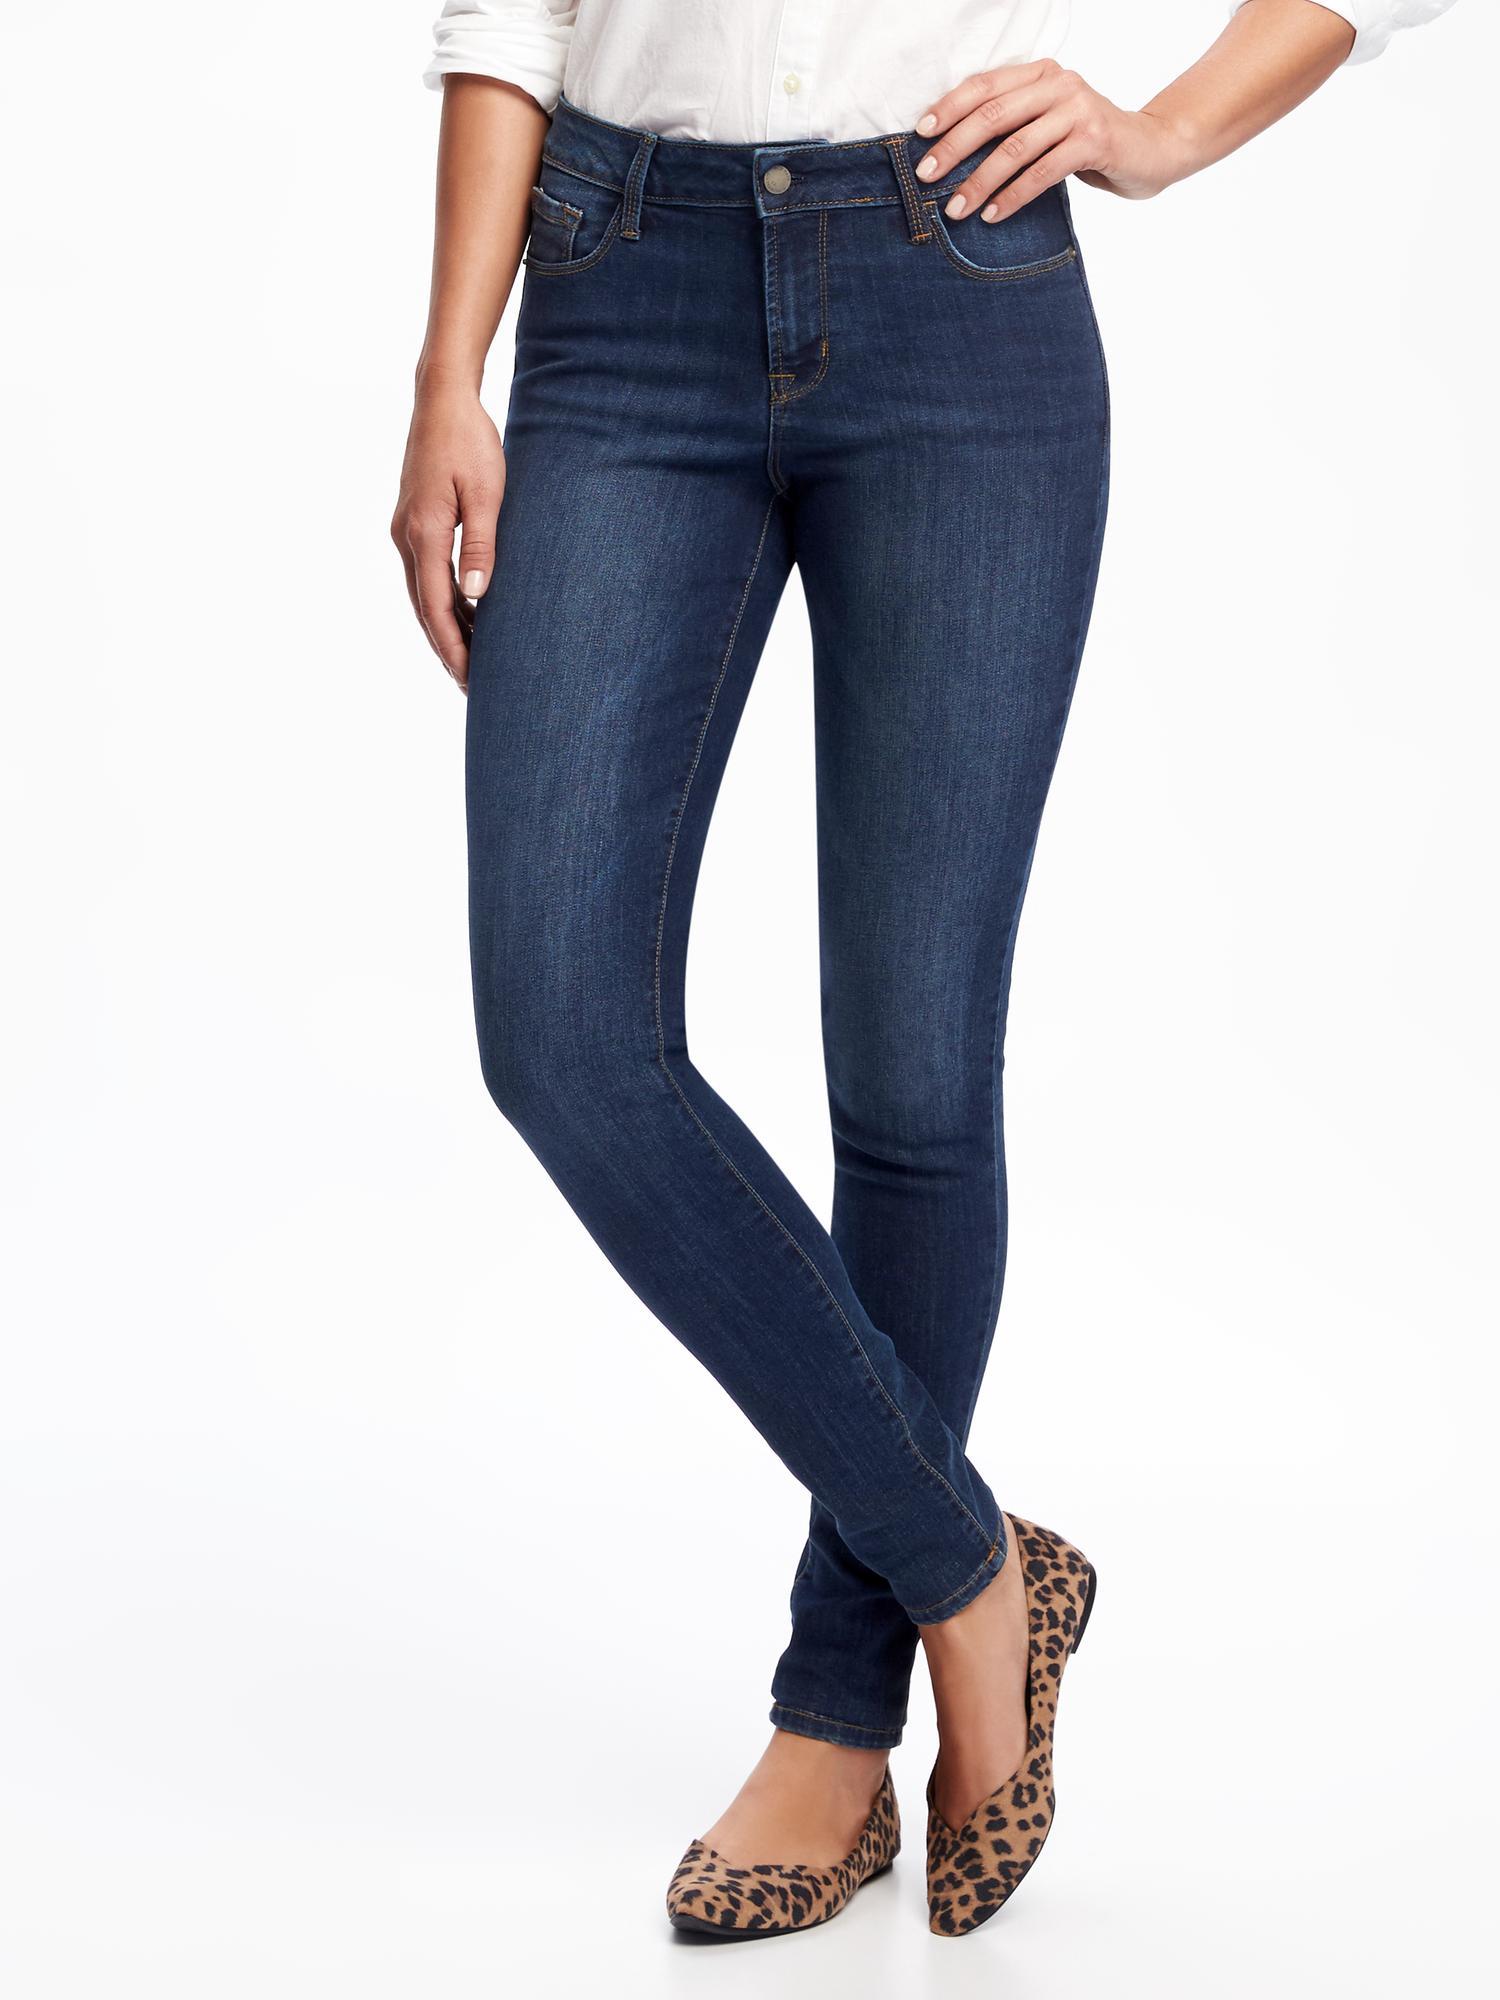 1ec25d7b0bb Mid-Rise Rockstar Super Skinny Jeans for Women